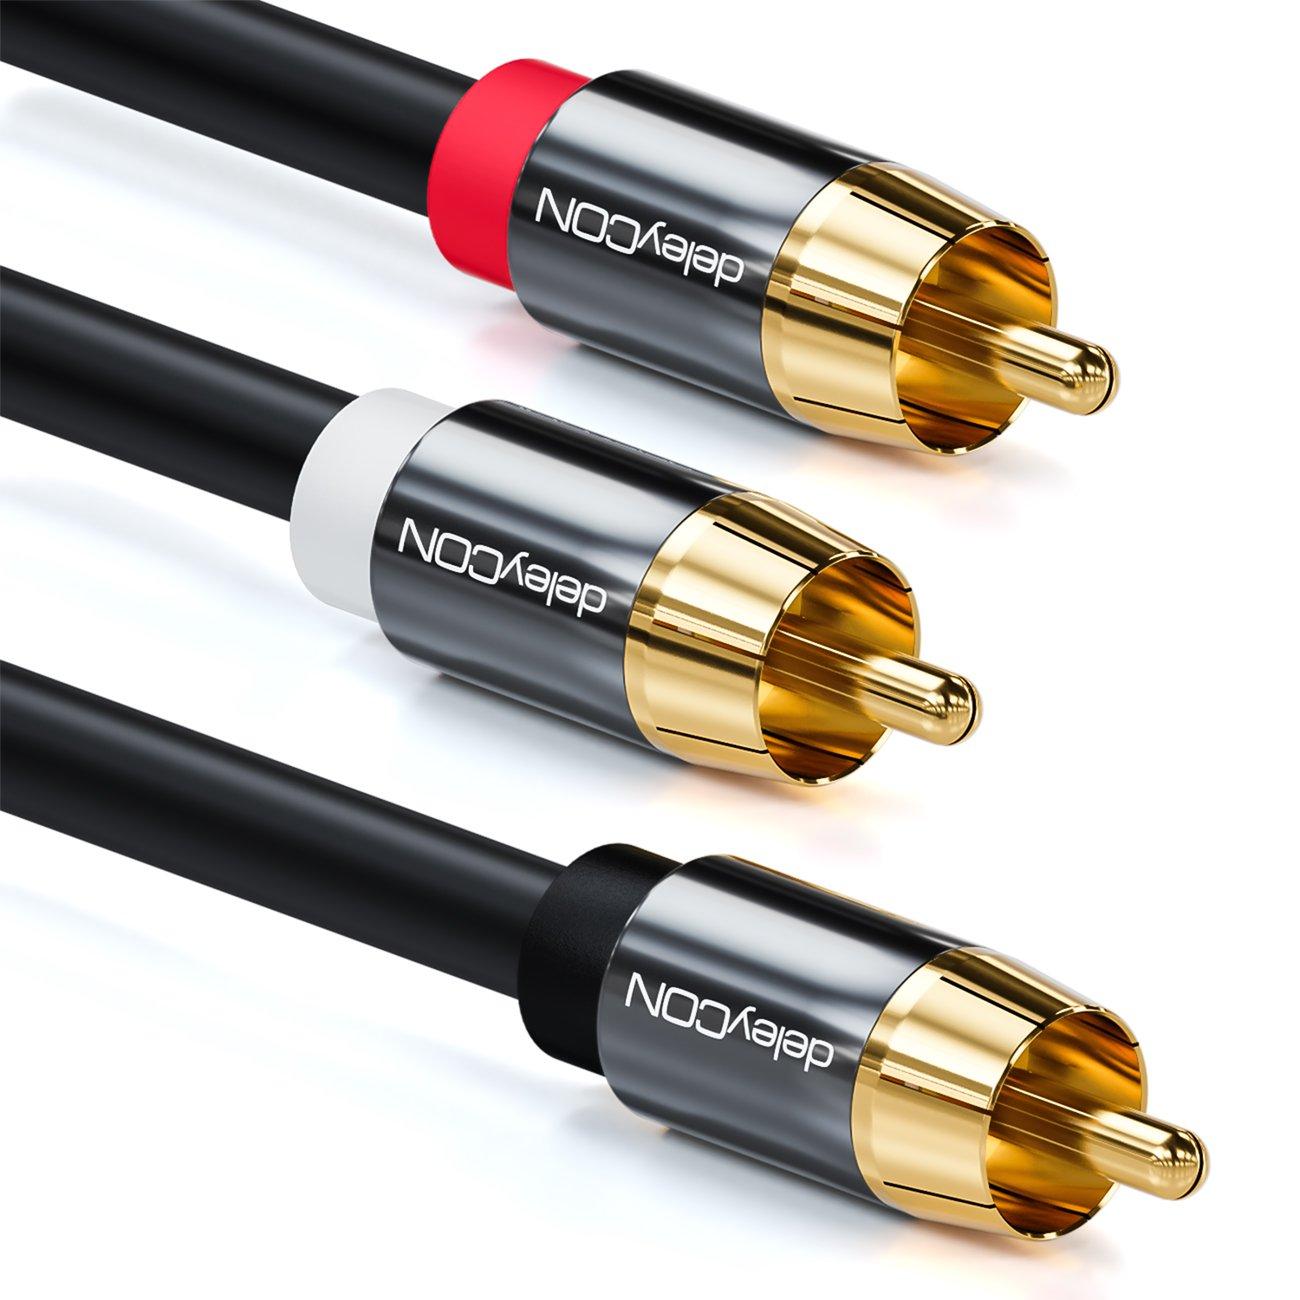 Cable Coaxial Digital con Conector RCA en Forma de Y Cable de Audio de Conector RCA a 2X Conectores RCA Contactos Chapados deleyCON Cable para Subwoofer 10m